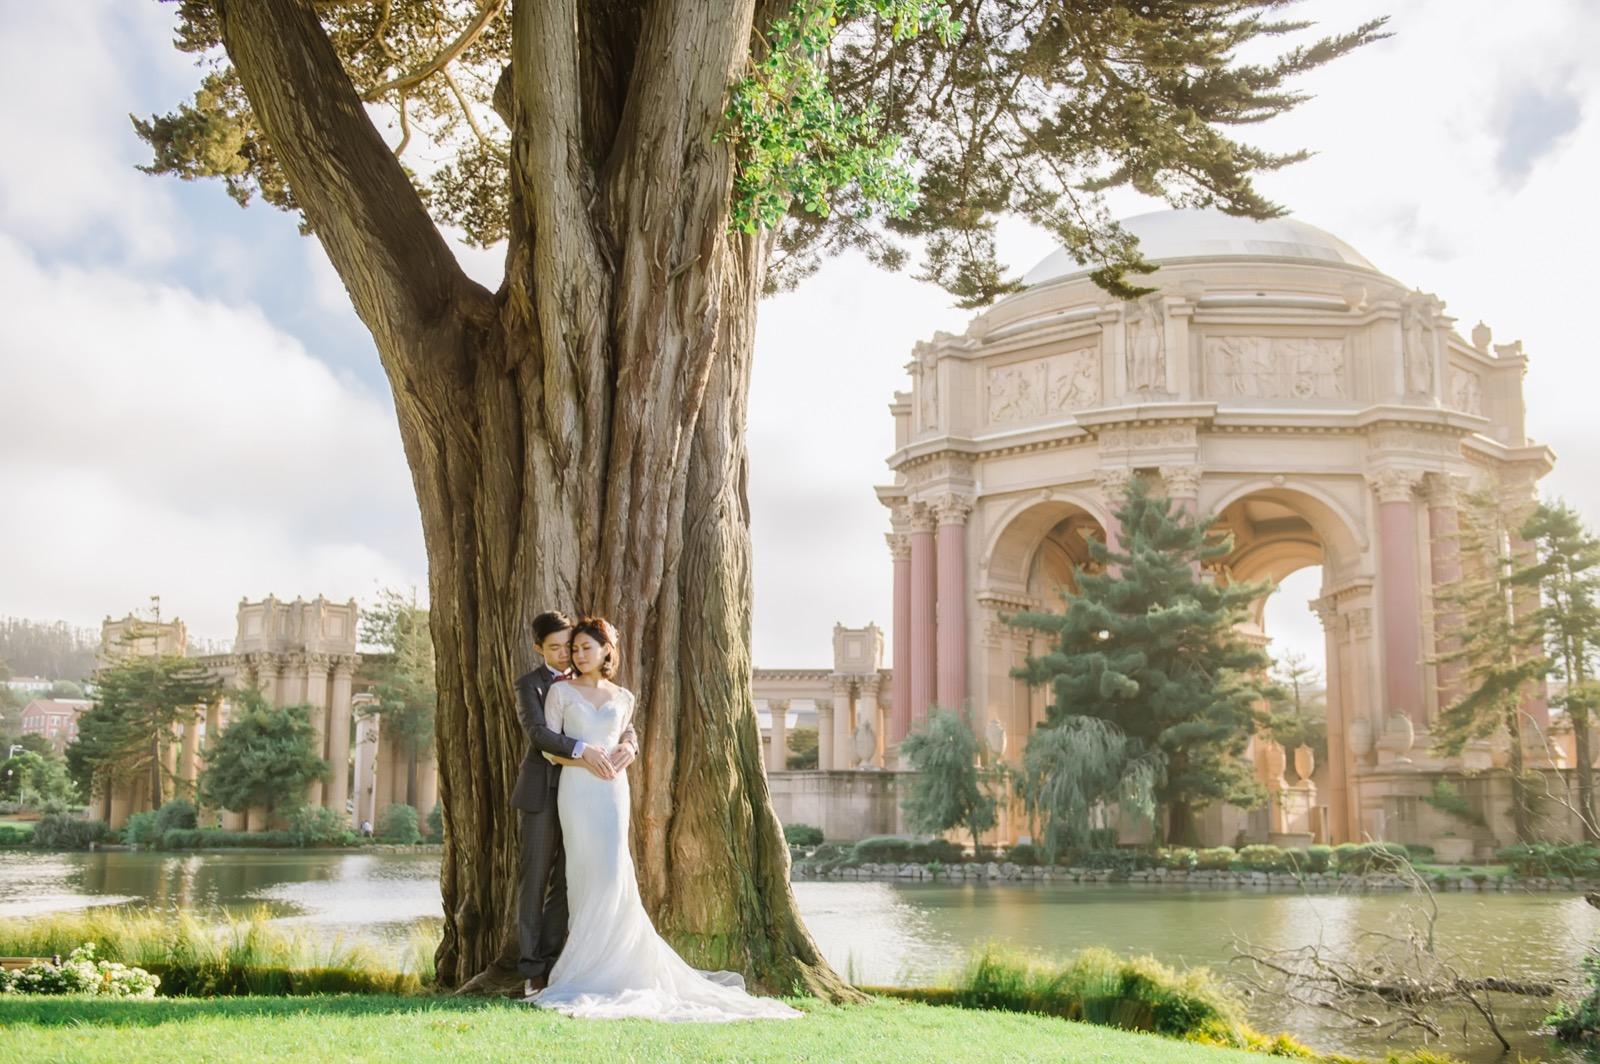 美式婚紗拍攝美式婚紗拍攝_D4S8027-編輯